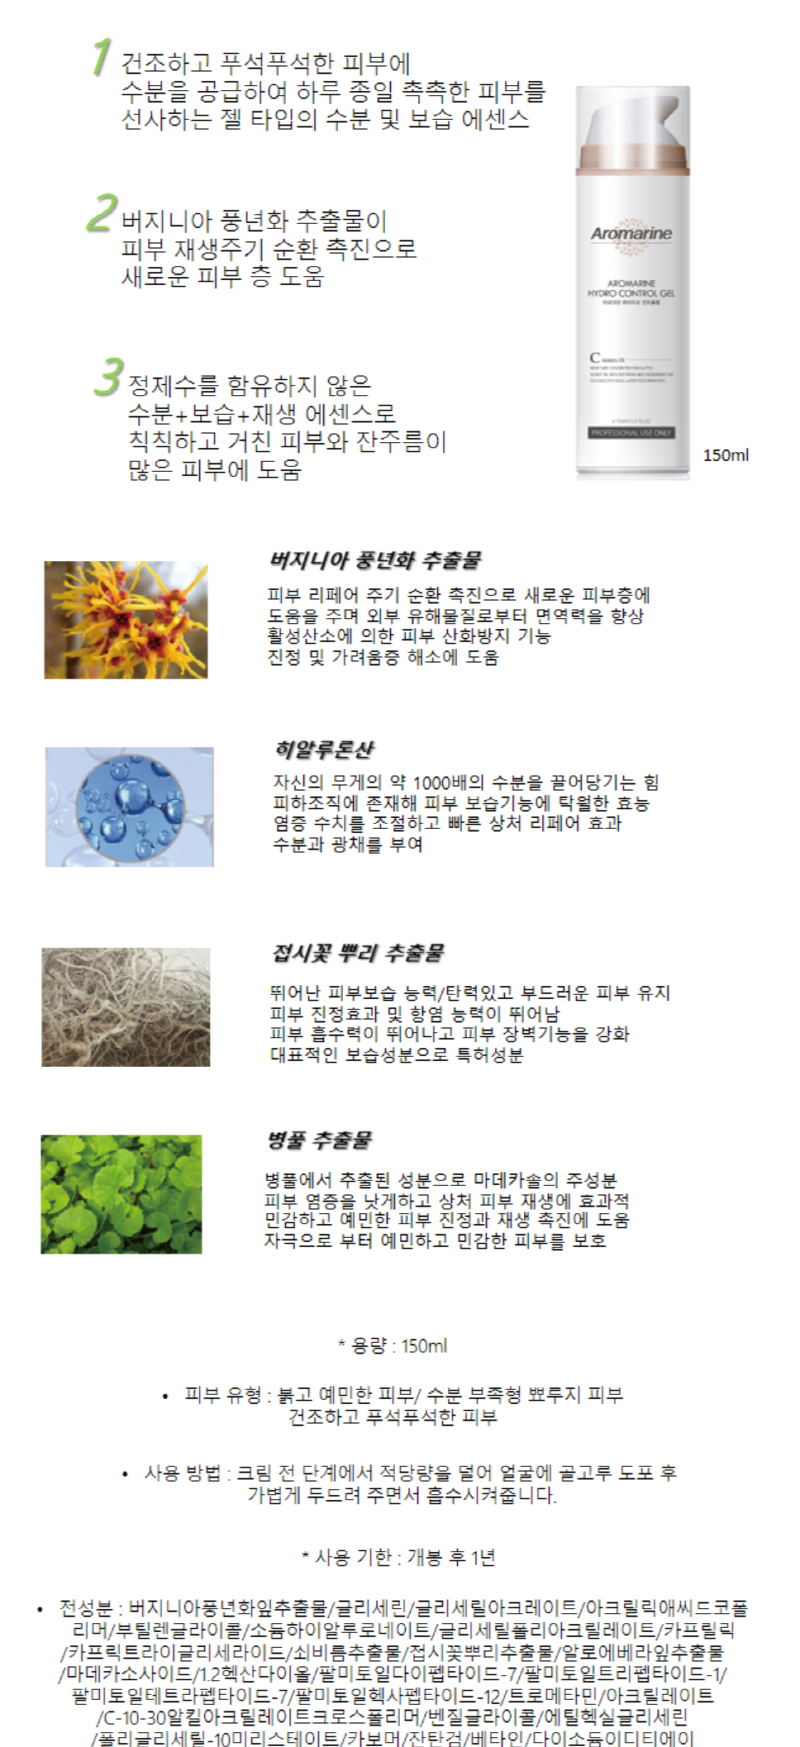 bio02-d.jpg